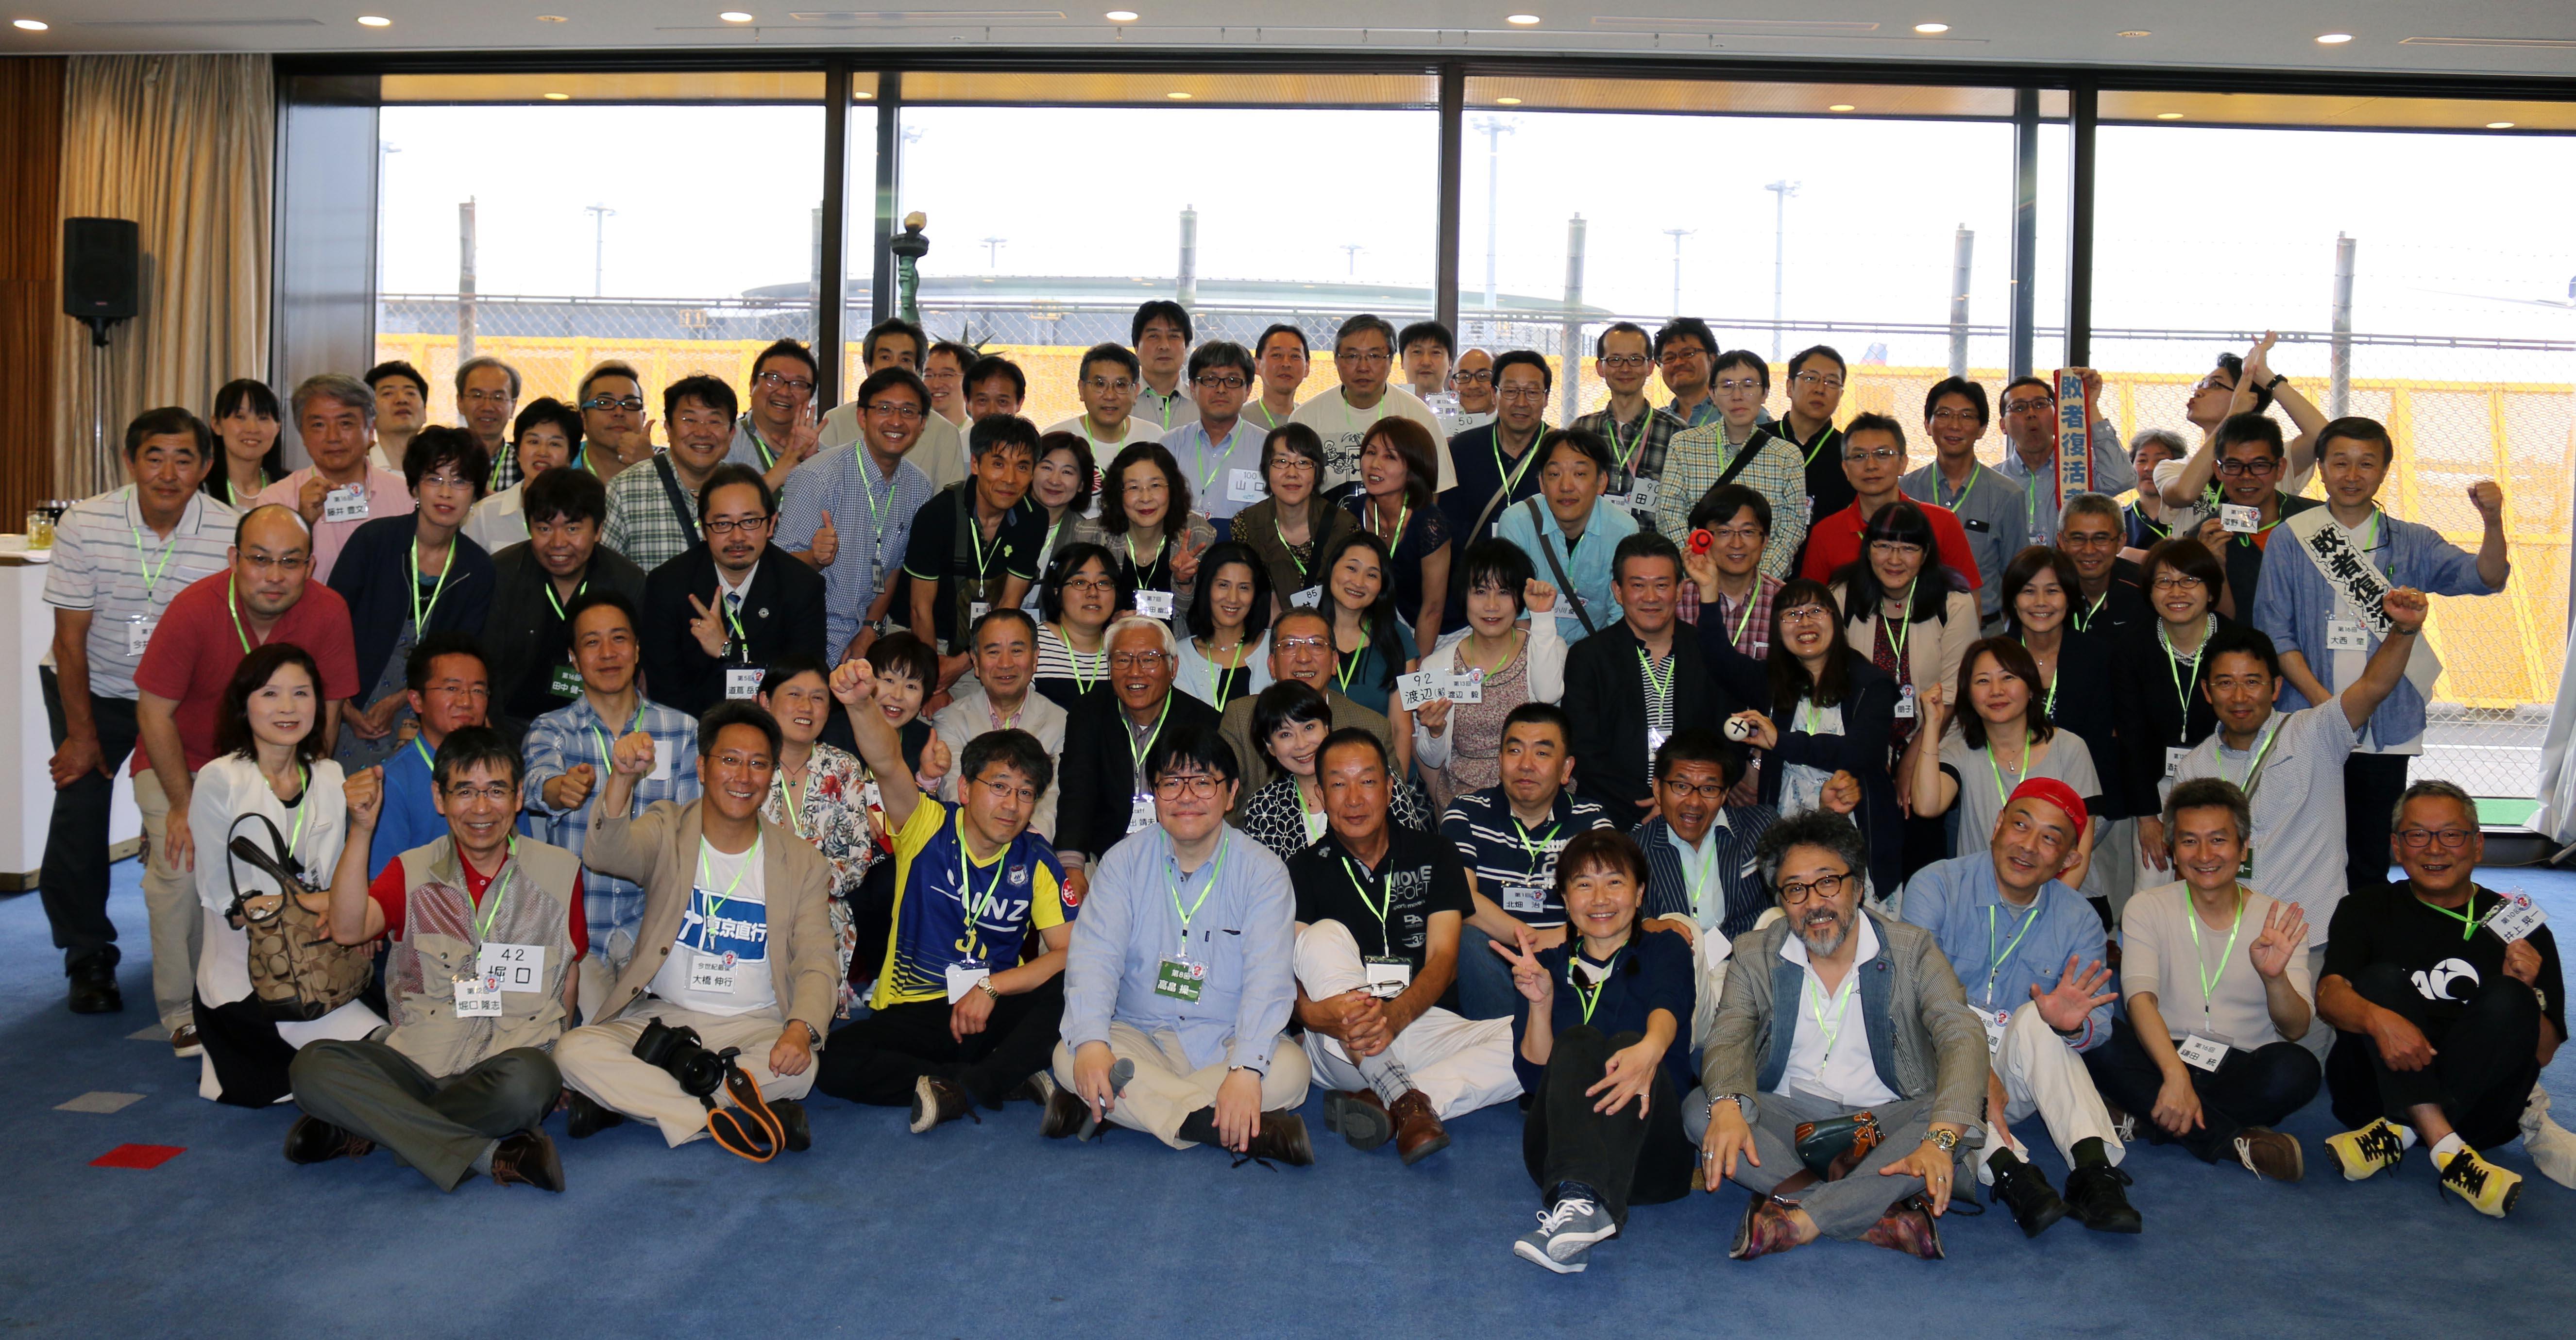 『アメリカ横断ウルトラクイズ』全17回の参加者による合同同窓会!